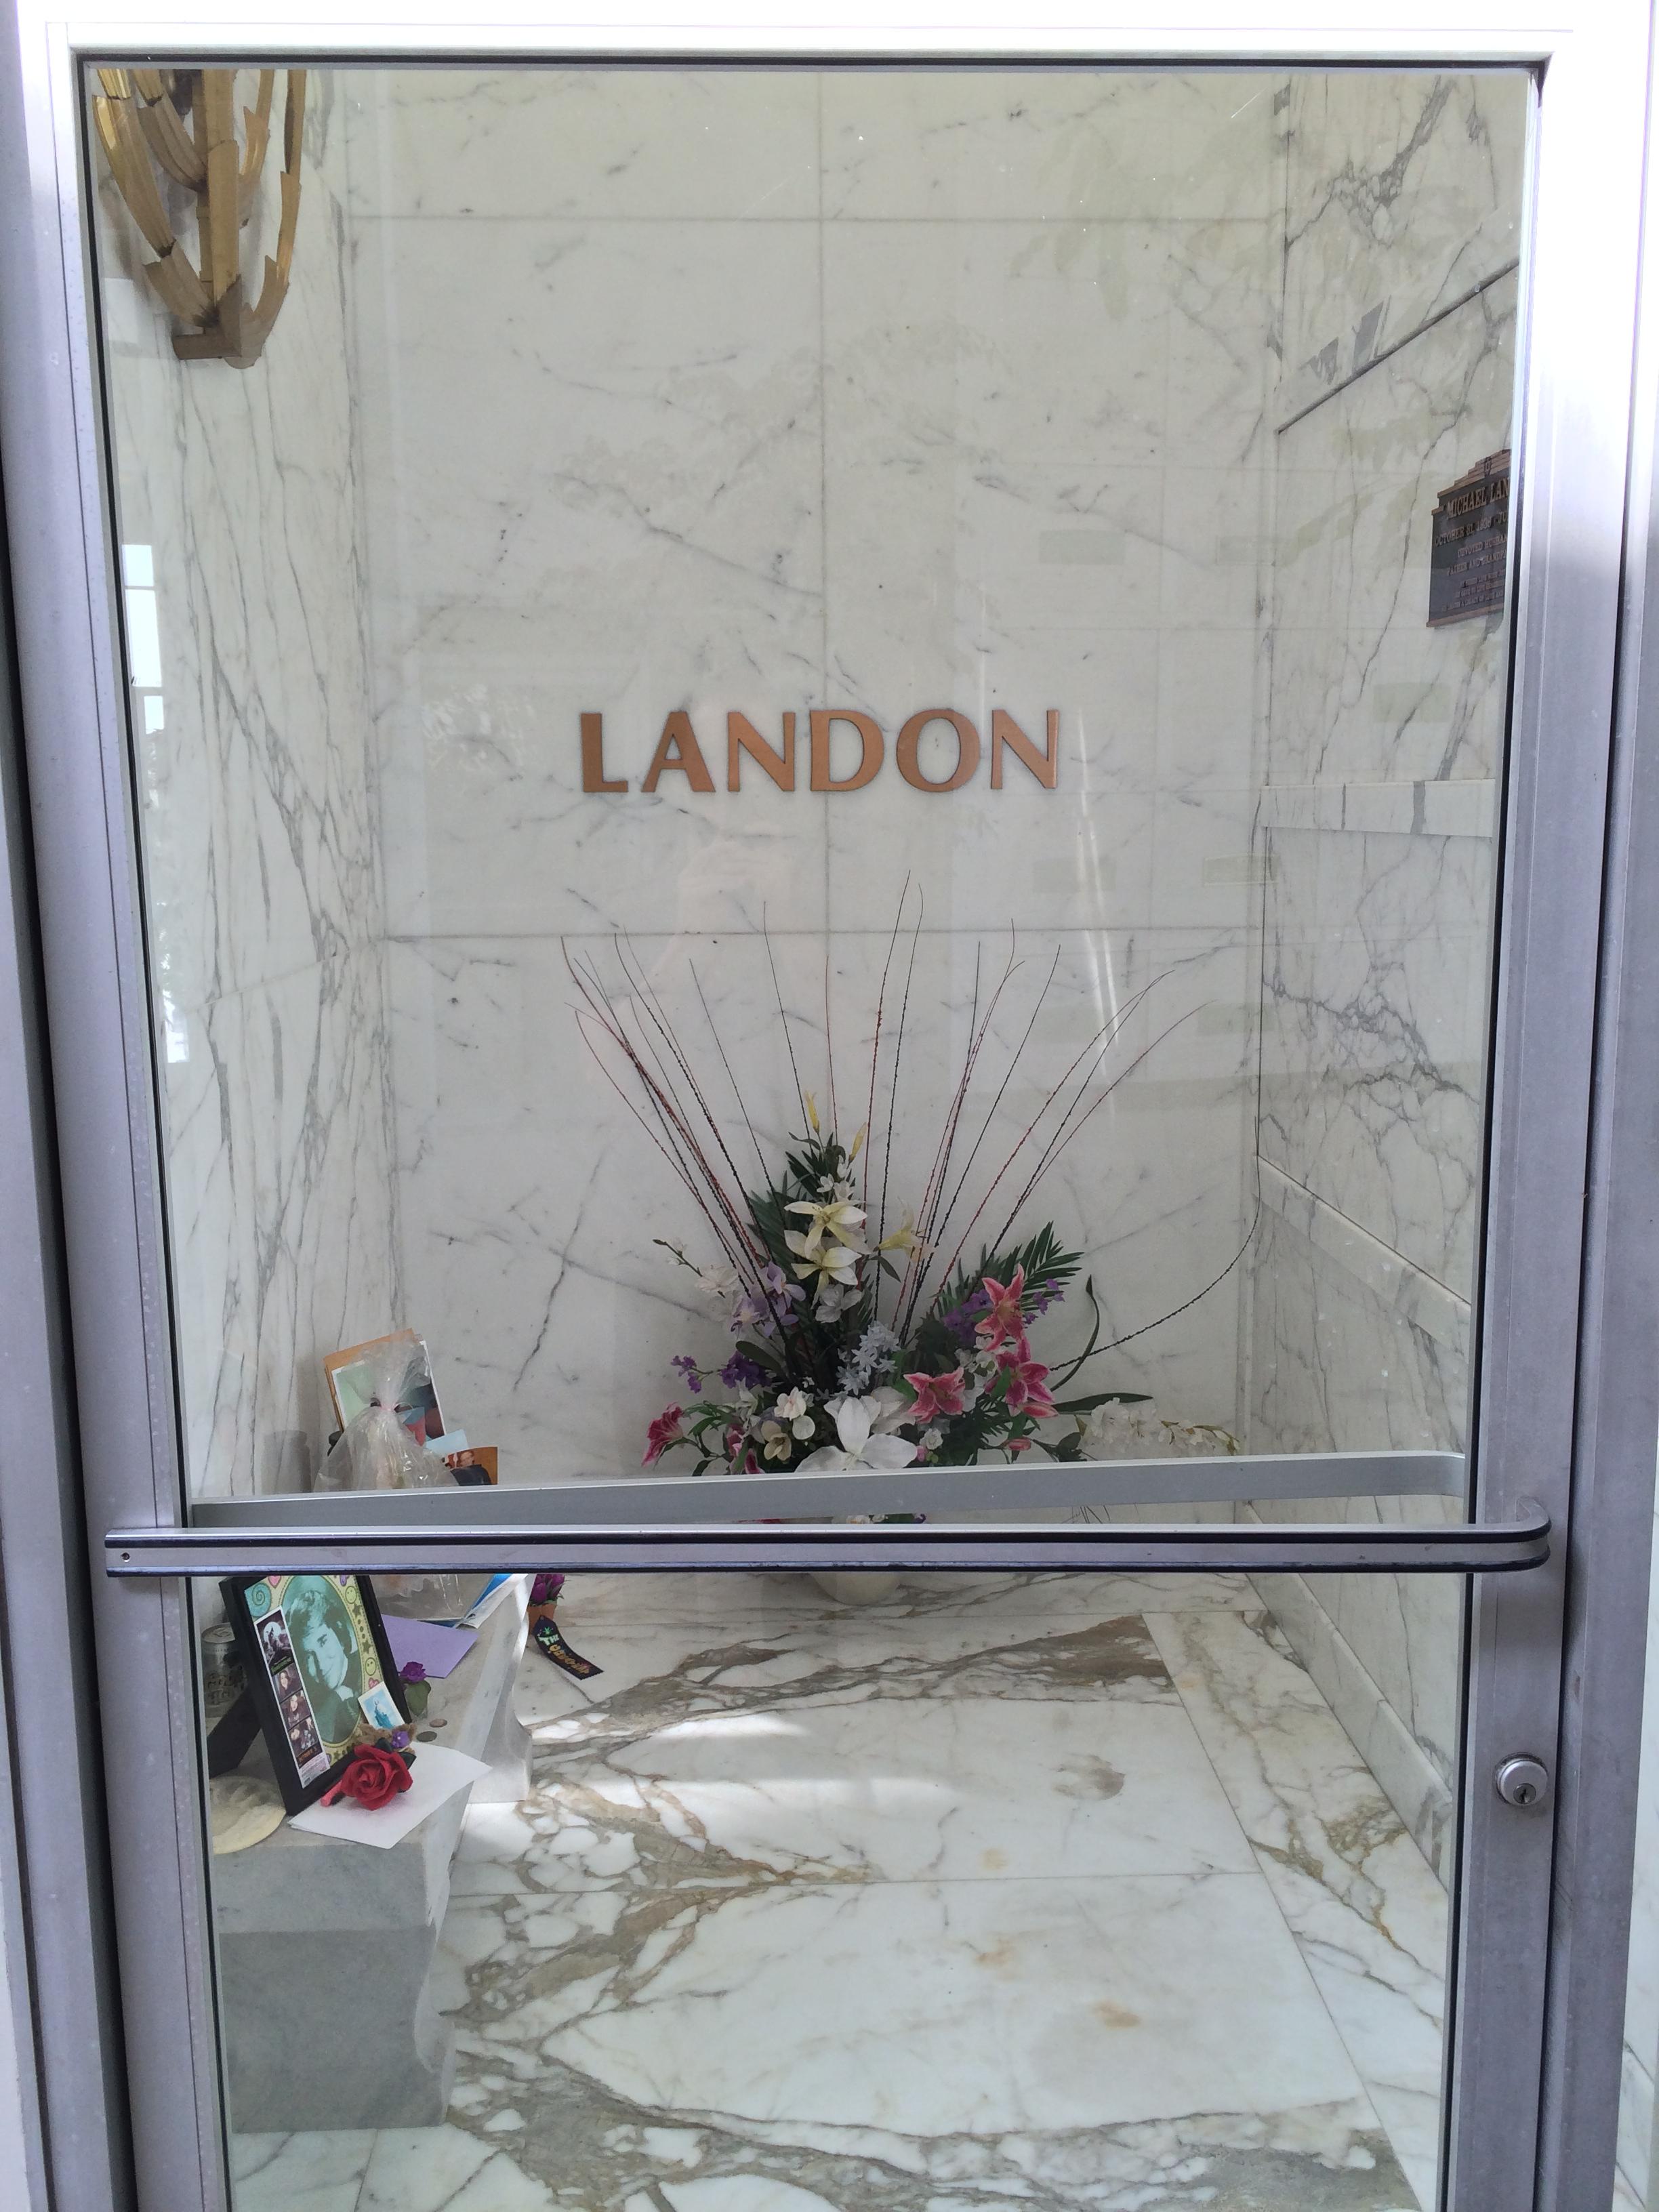 Michael Landons Grave (photo) | Famous tombstones, Grave